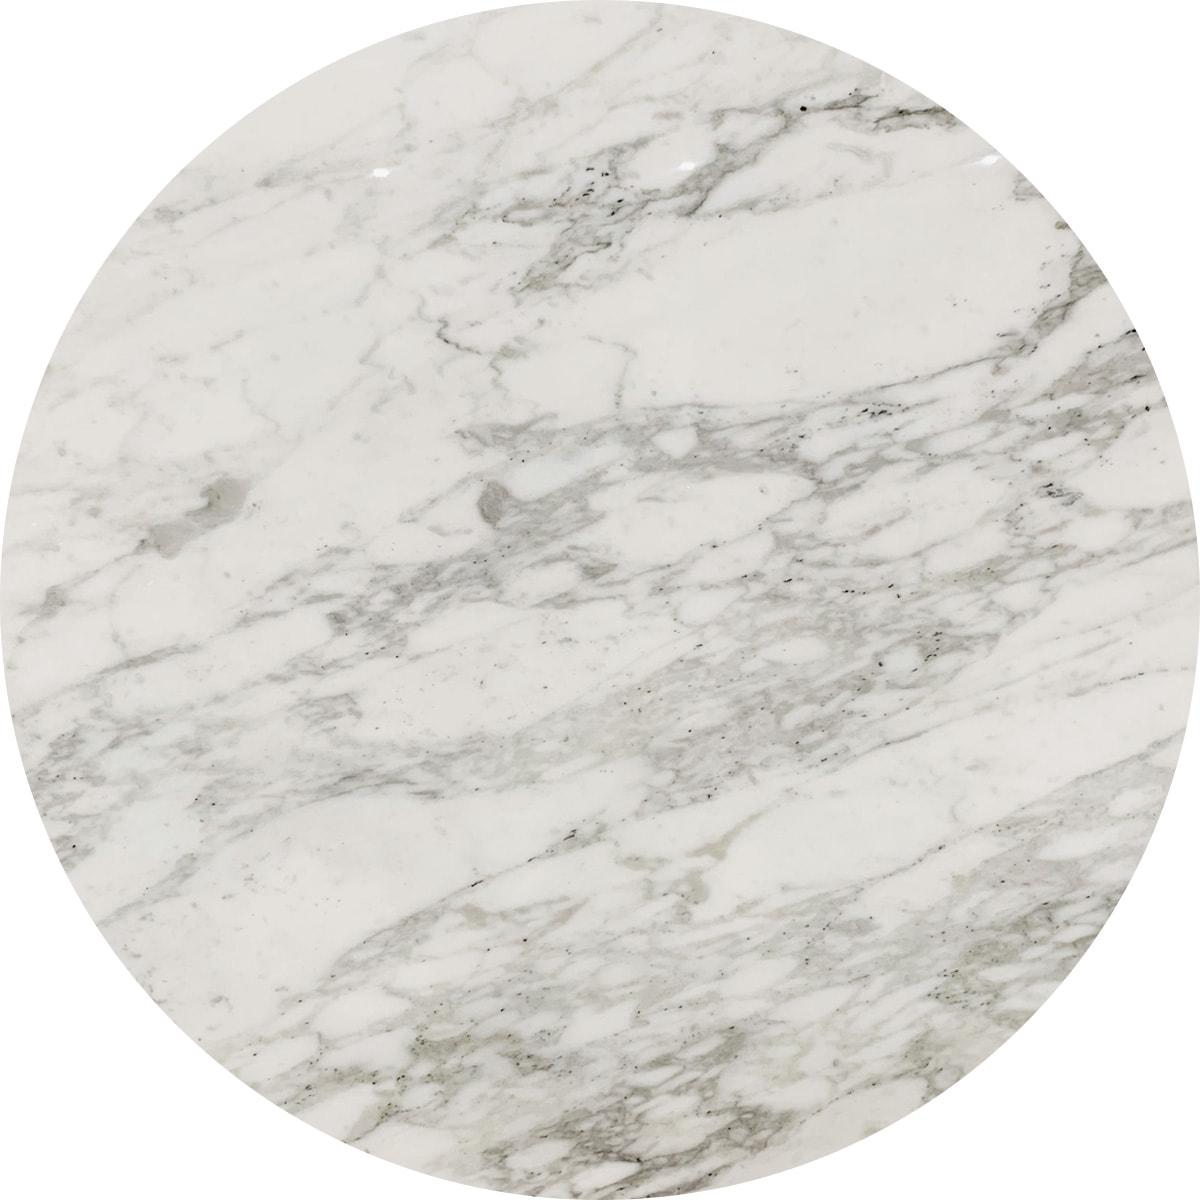 Saarinen Collection Round Tables(サーリネンテーブル) Φ1200mm アラベスカート 176TRMA2 (011)